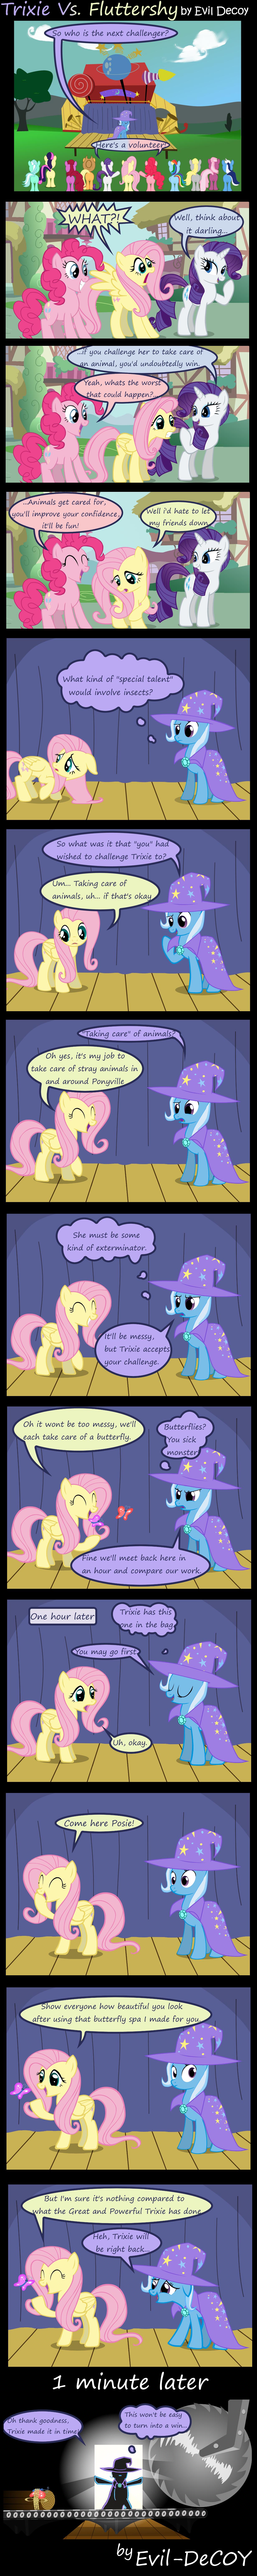 Trixie Vs. Fluttershy